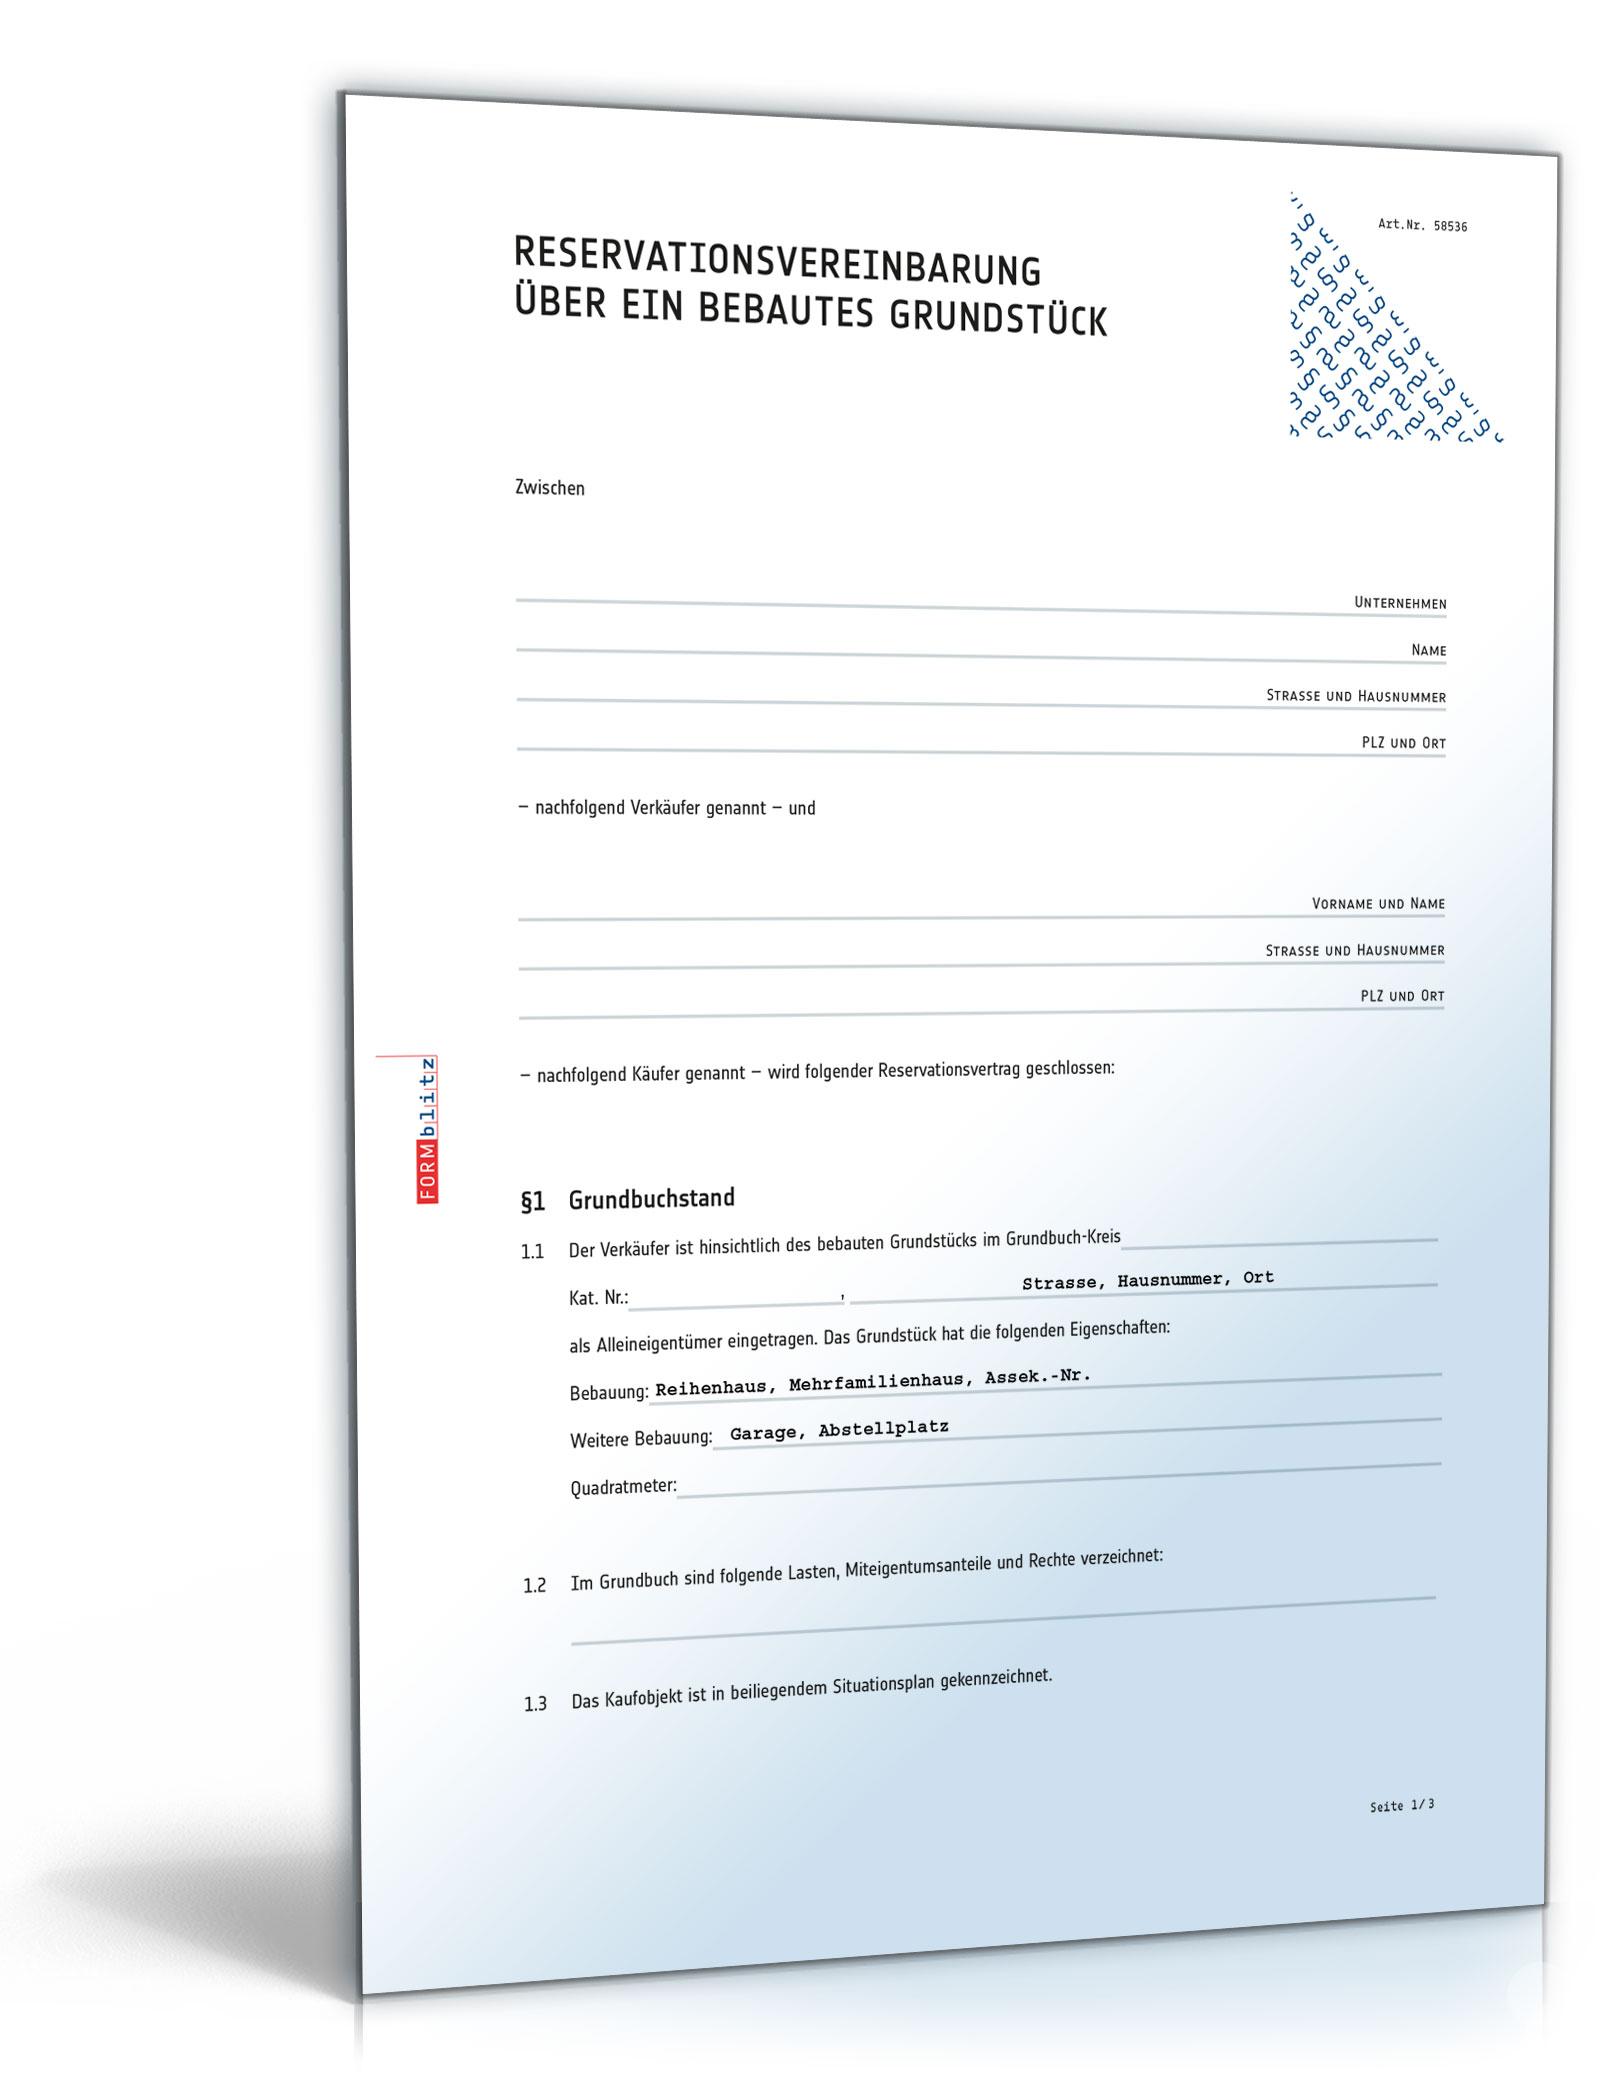 Download Archiv Verträge Dokumente Vorlagen